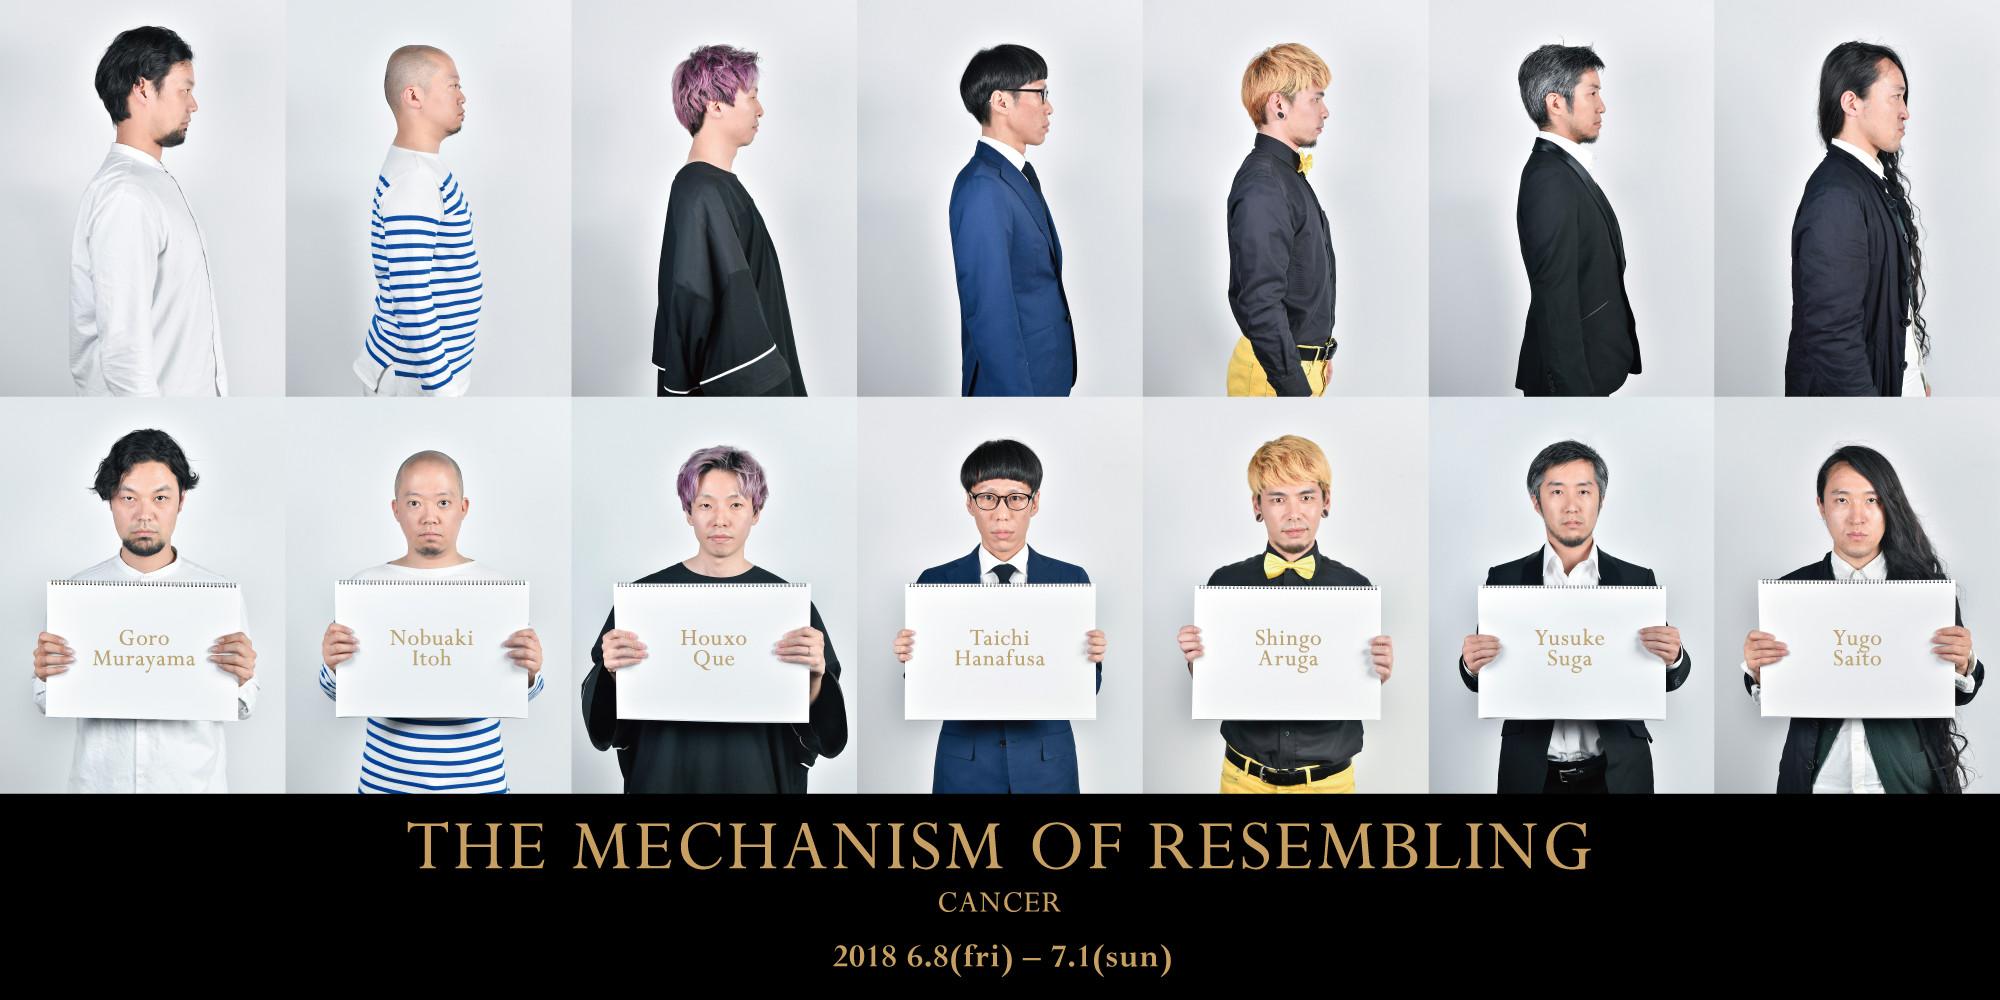 花房太一さん率いるアート集団CANCERの初展示会「THE MECHANISM OF RESEMBL